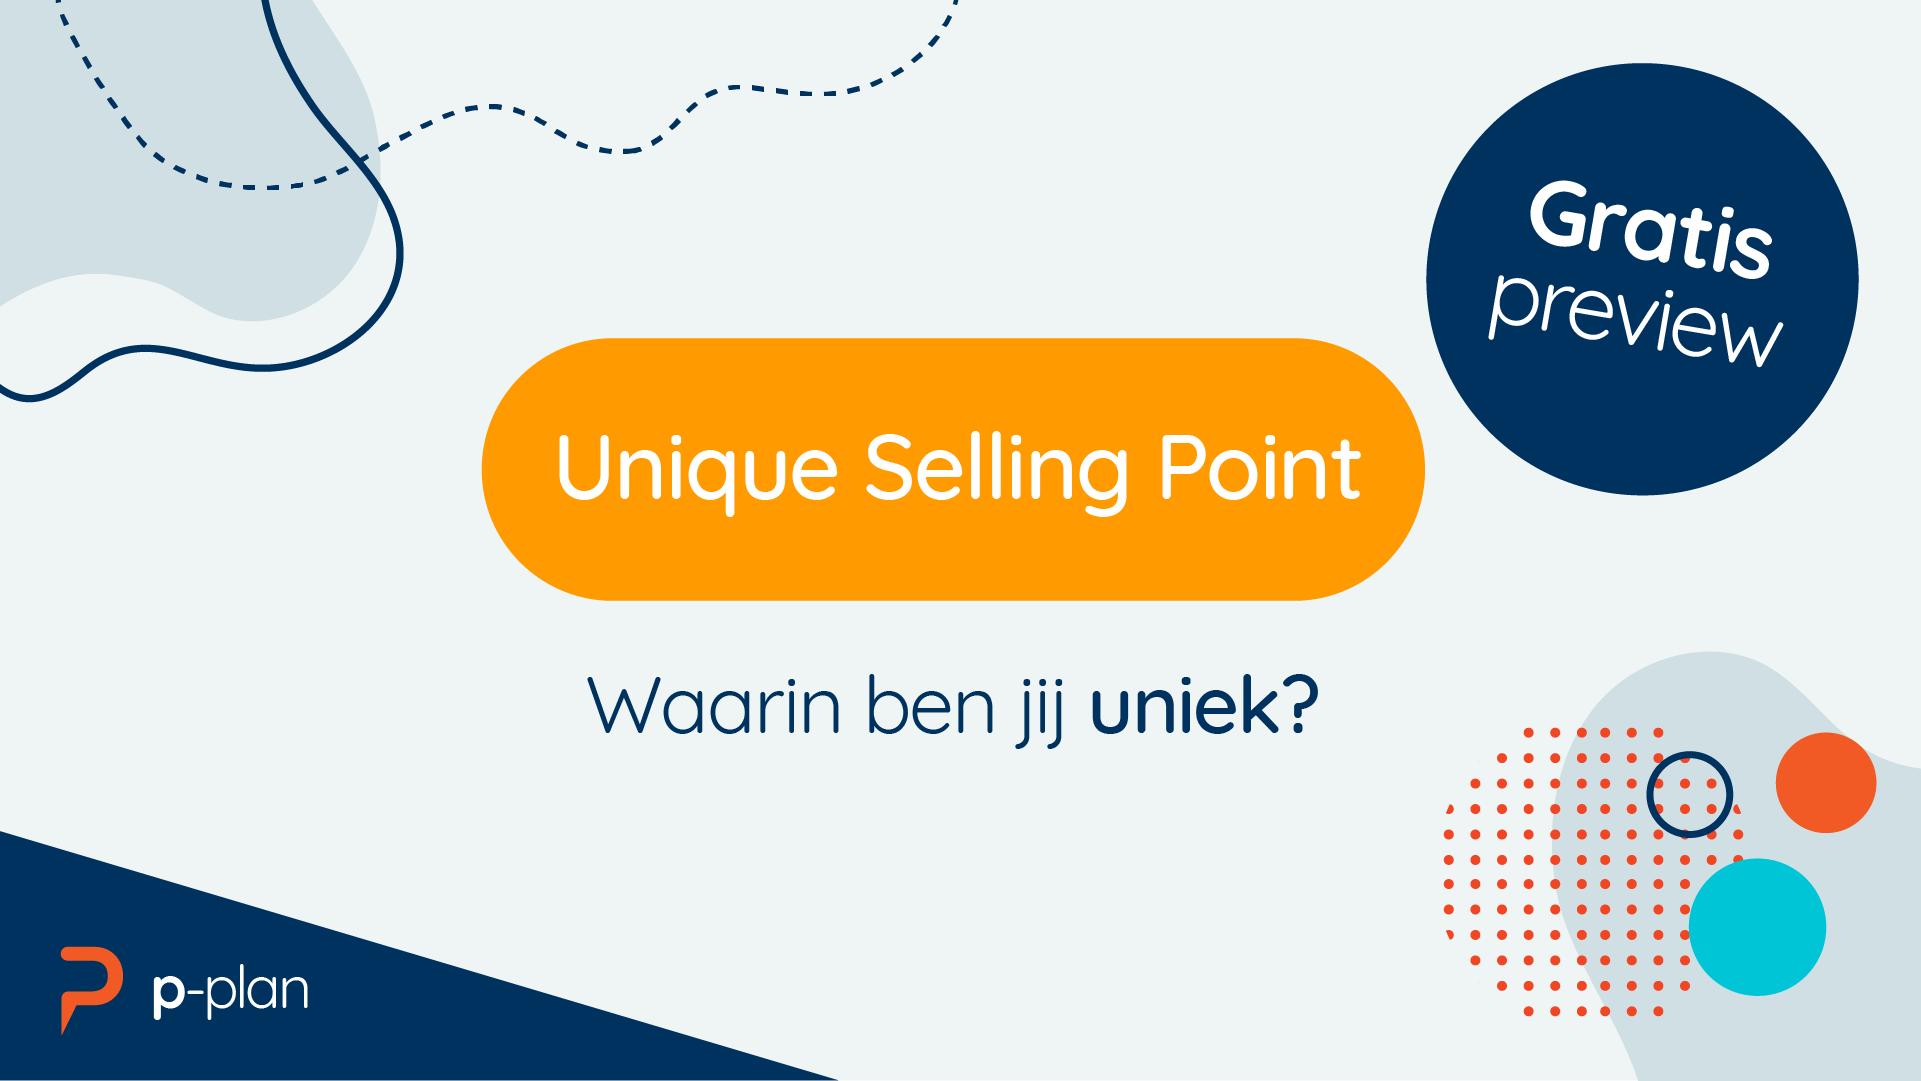 Deze gratis preview les gaat over je Unique selling point; waarin ben jij uniek?